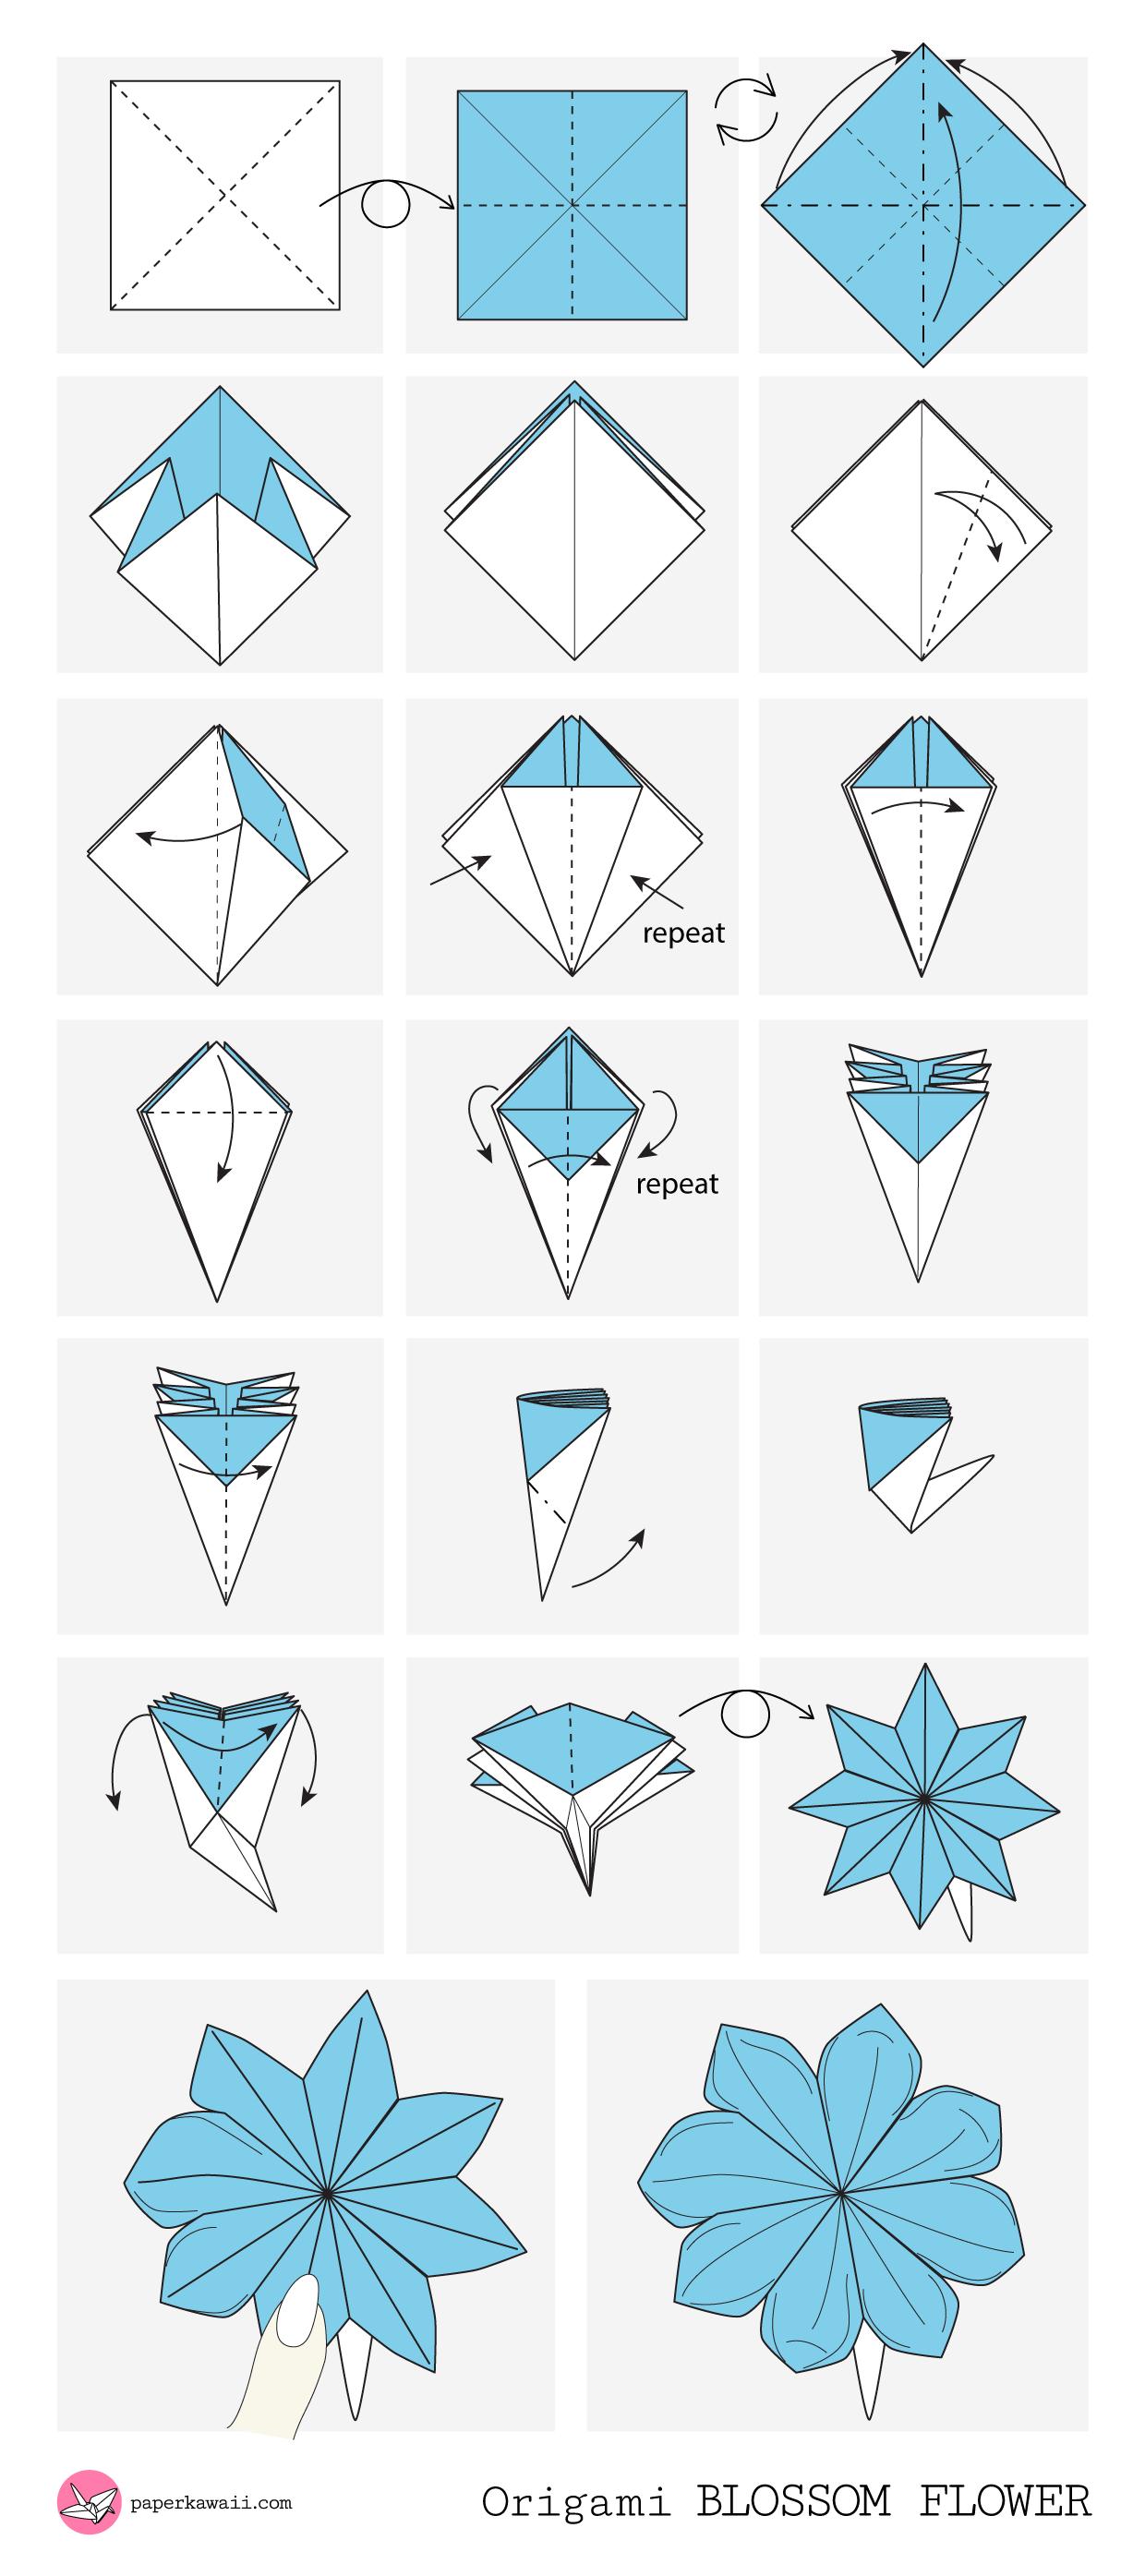 Groovy Origami Diagrams Paper Kawaii Wiring 101 Cularstreekradiomeanderfmnl